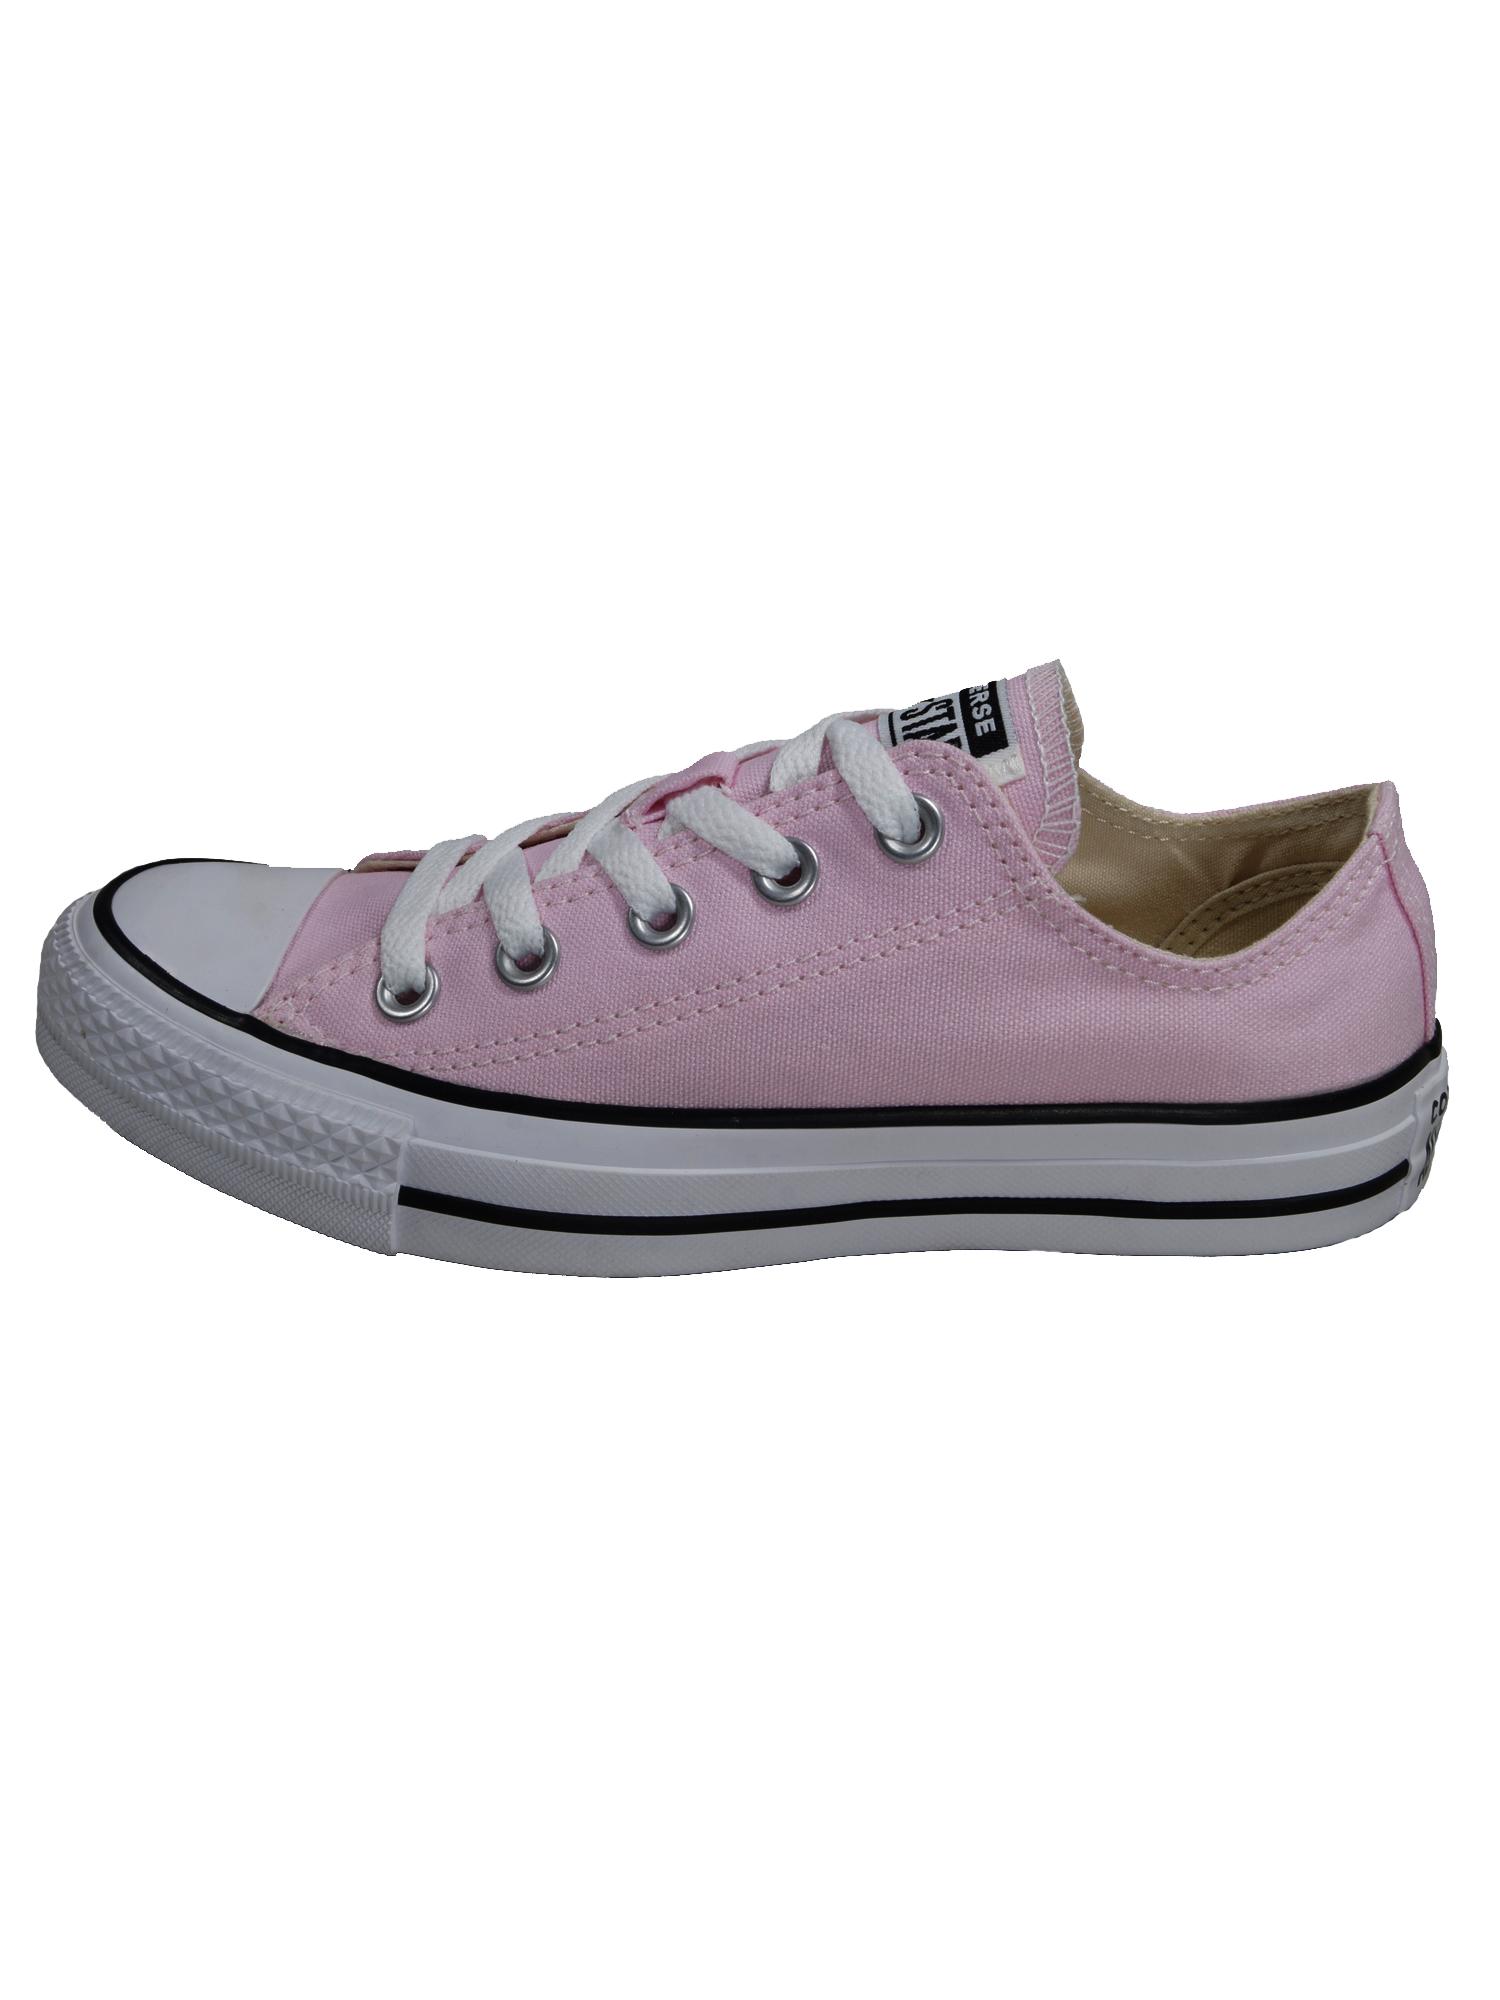 Converse Damen Schuhe CT All Star Ox Rosa Leinen Sneakers Größe 39 -  yatego.com